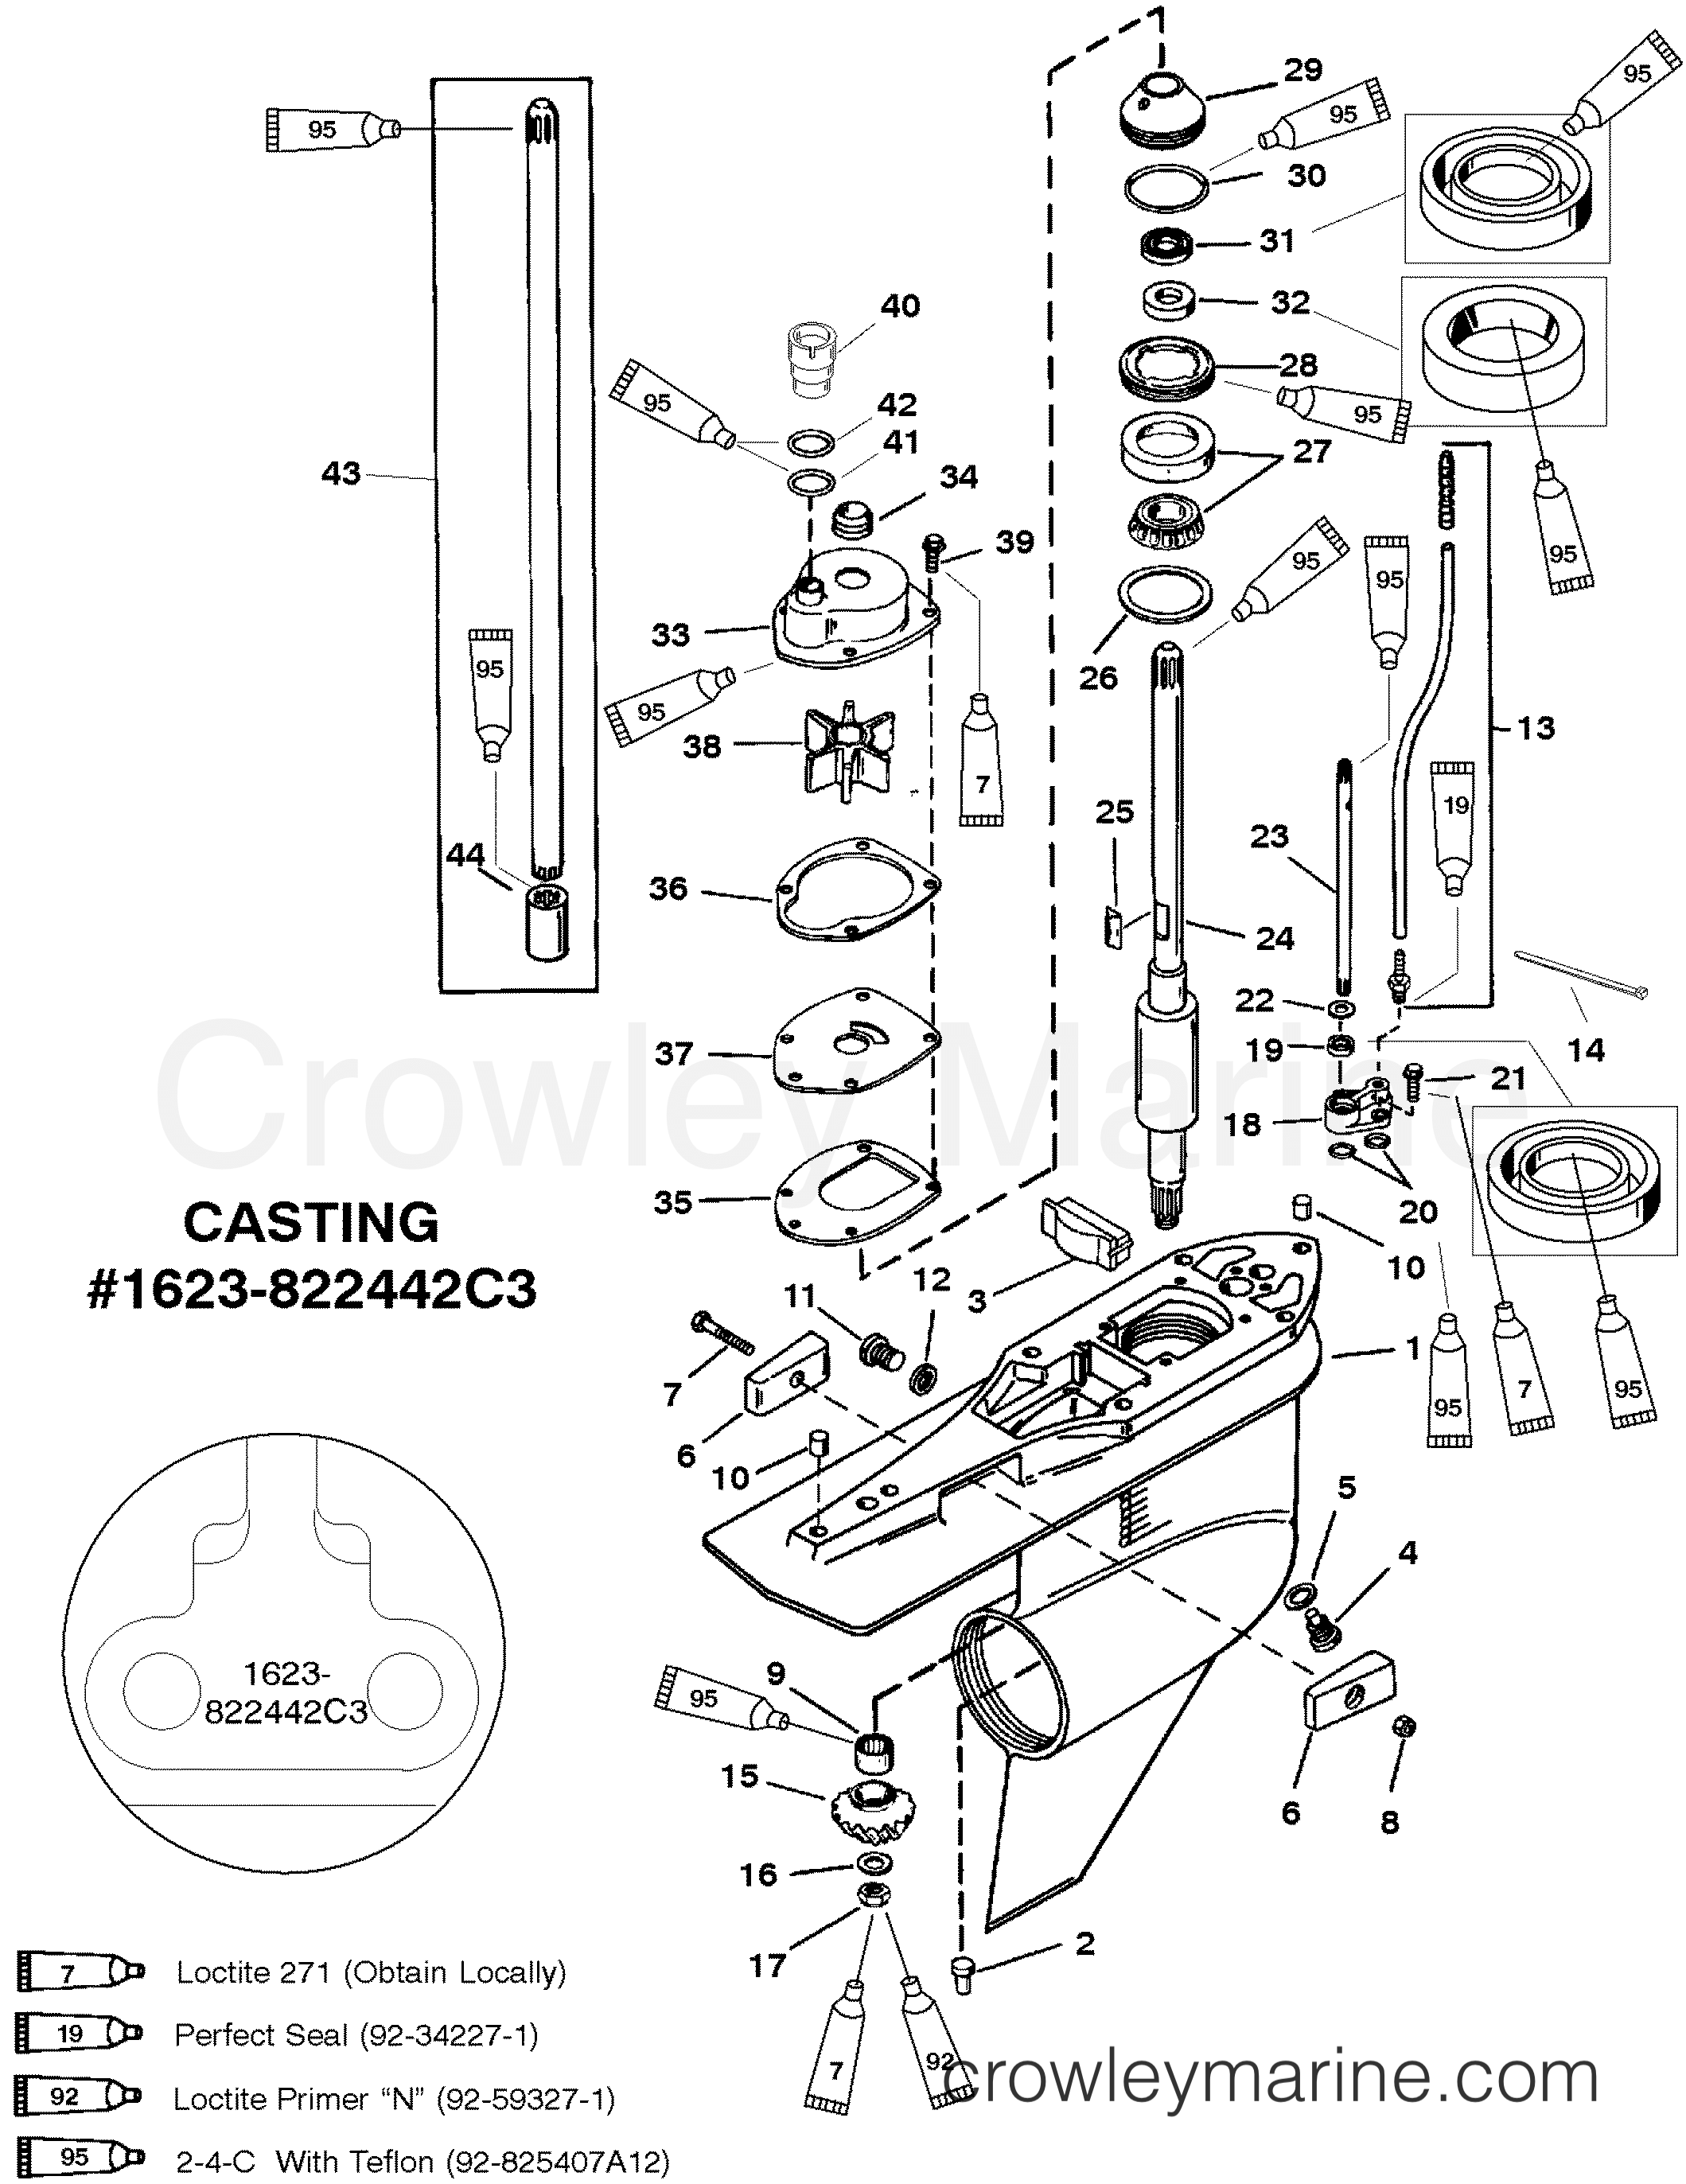 gear hsg drive shaft counter rotation g438000  u0026 up